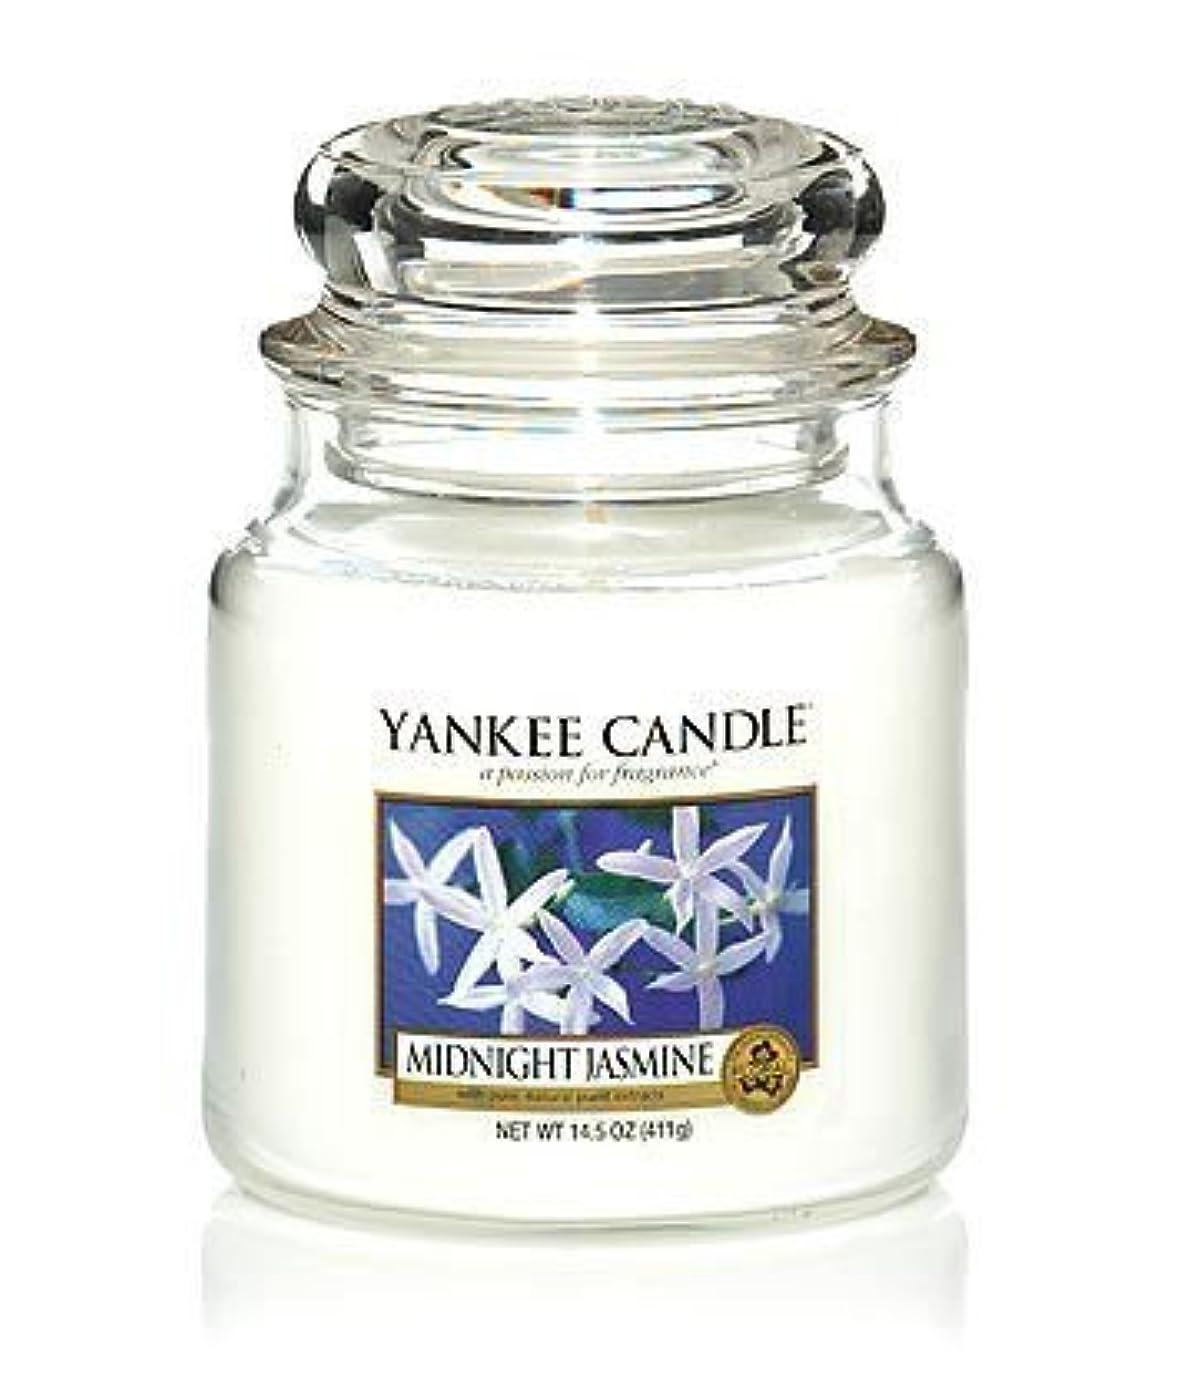 絶滅させる規模有名Yankee Candle Midnight Jasmine Medium Jar Candle, Floral Scent by Yankee Candle [並行輸入品]